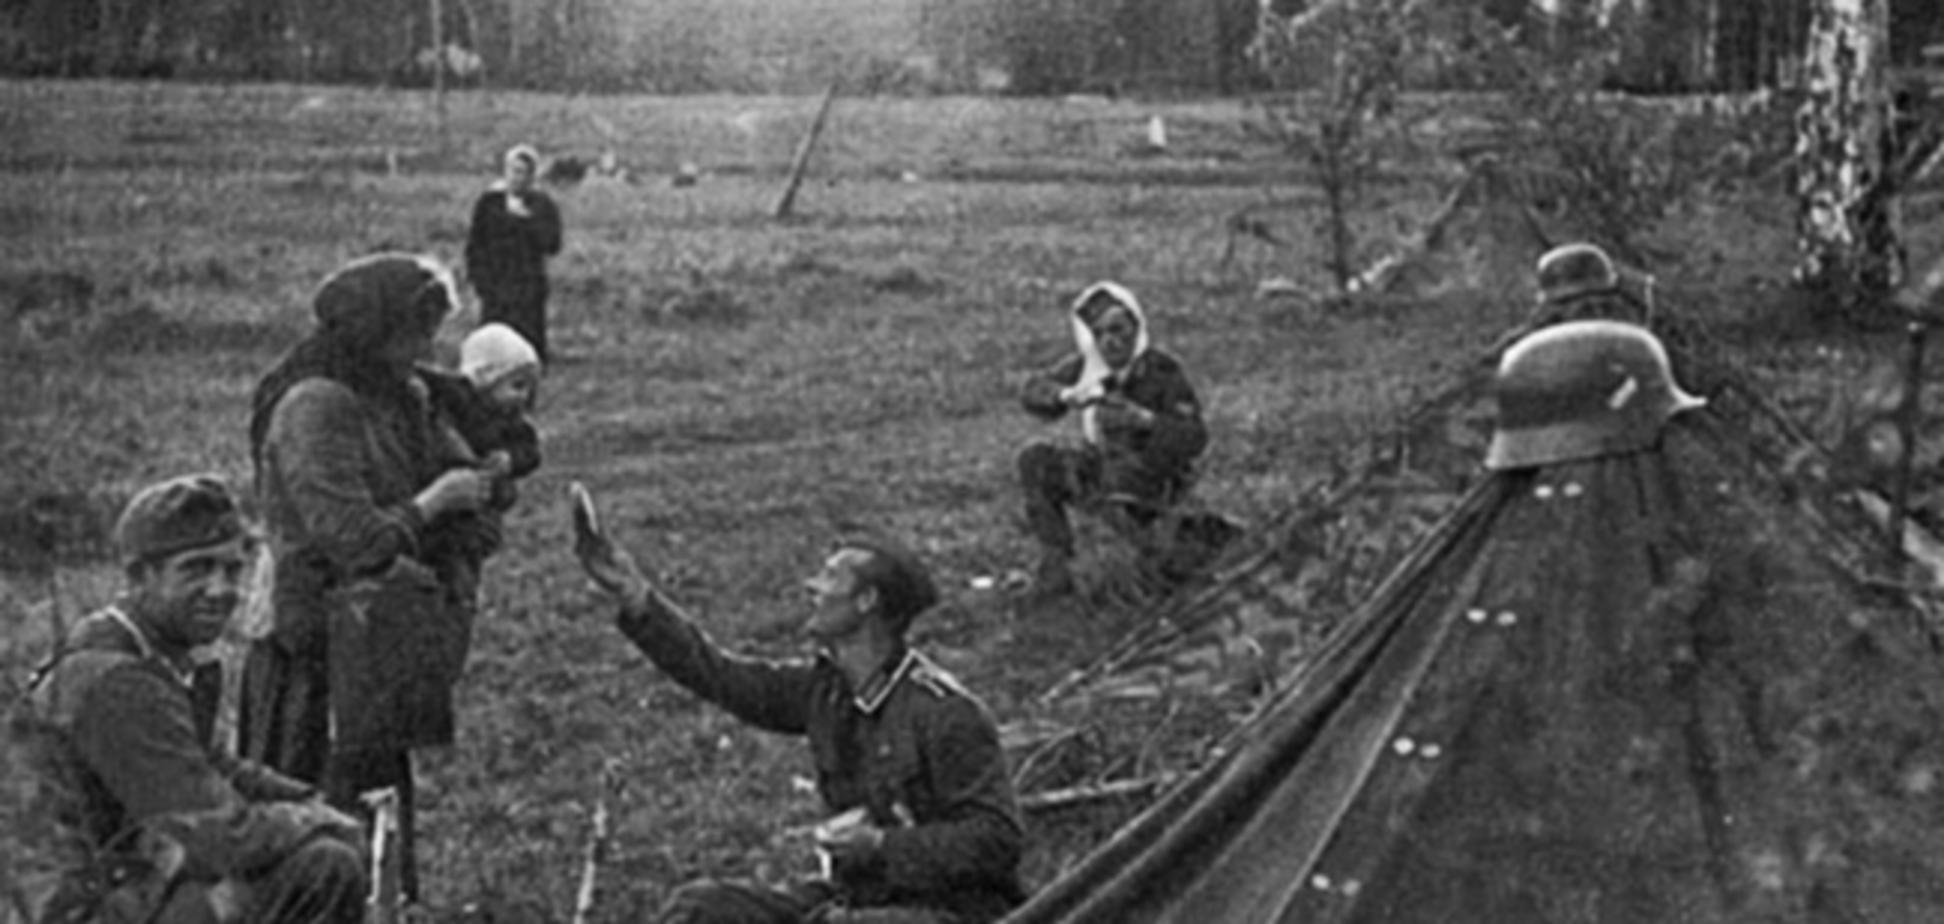 Немецкий солдат делится едой с русским ребенком, или Все они одинаковые?